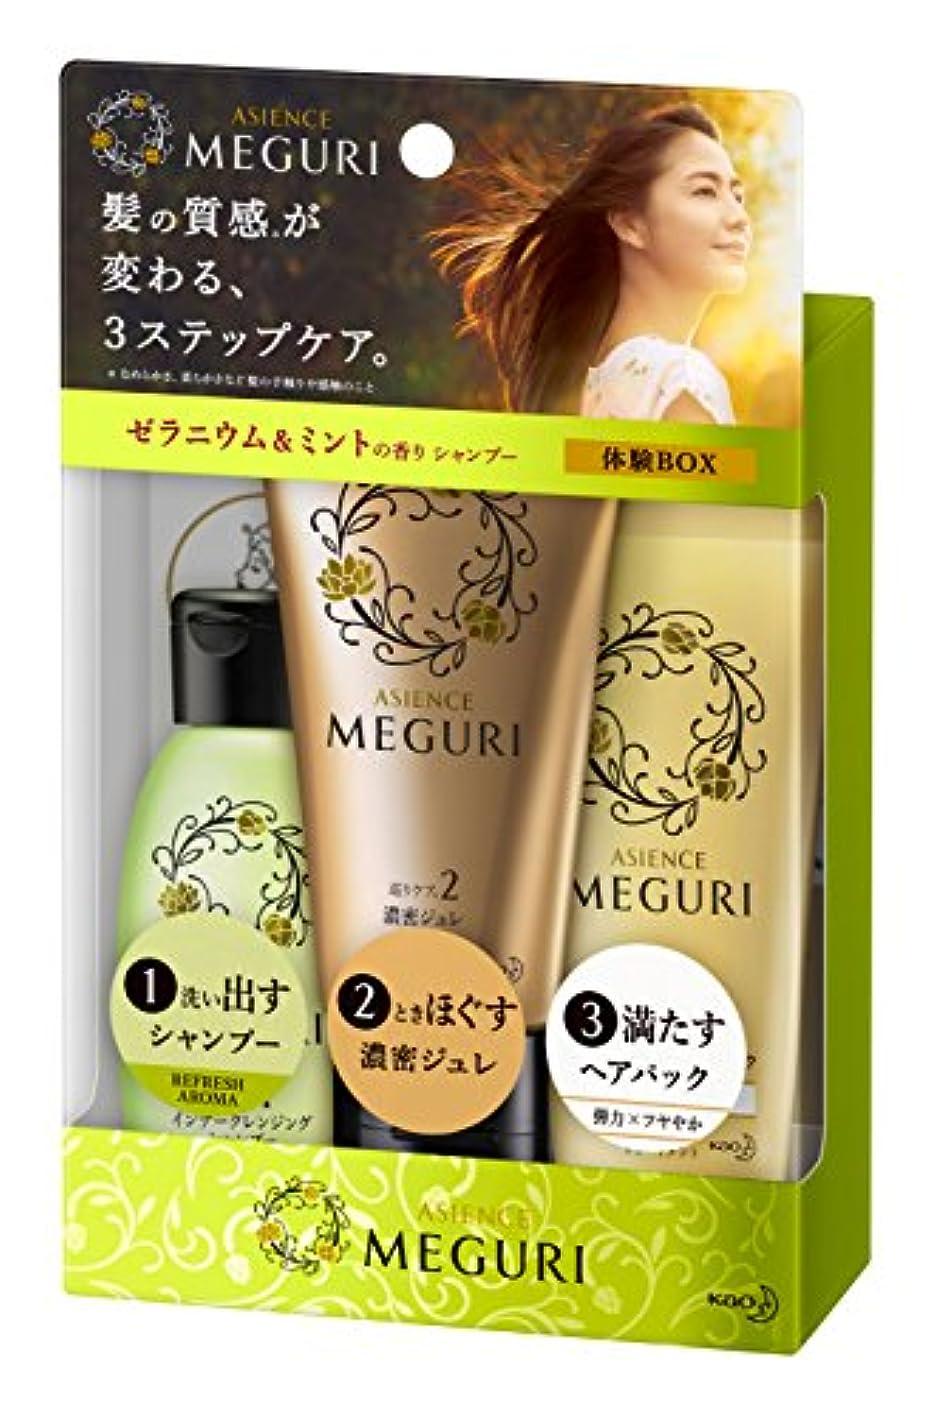 履歴書模索ボトル【ミニセット】アジエンス MEGURI 体験BOX REFRESH 145g